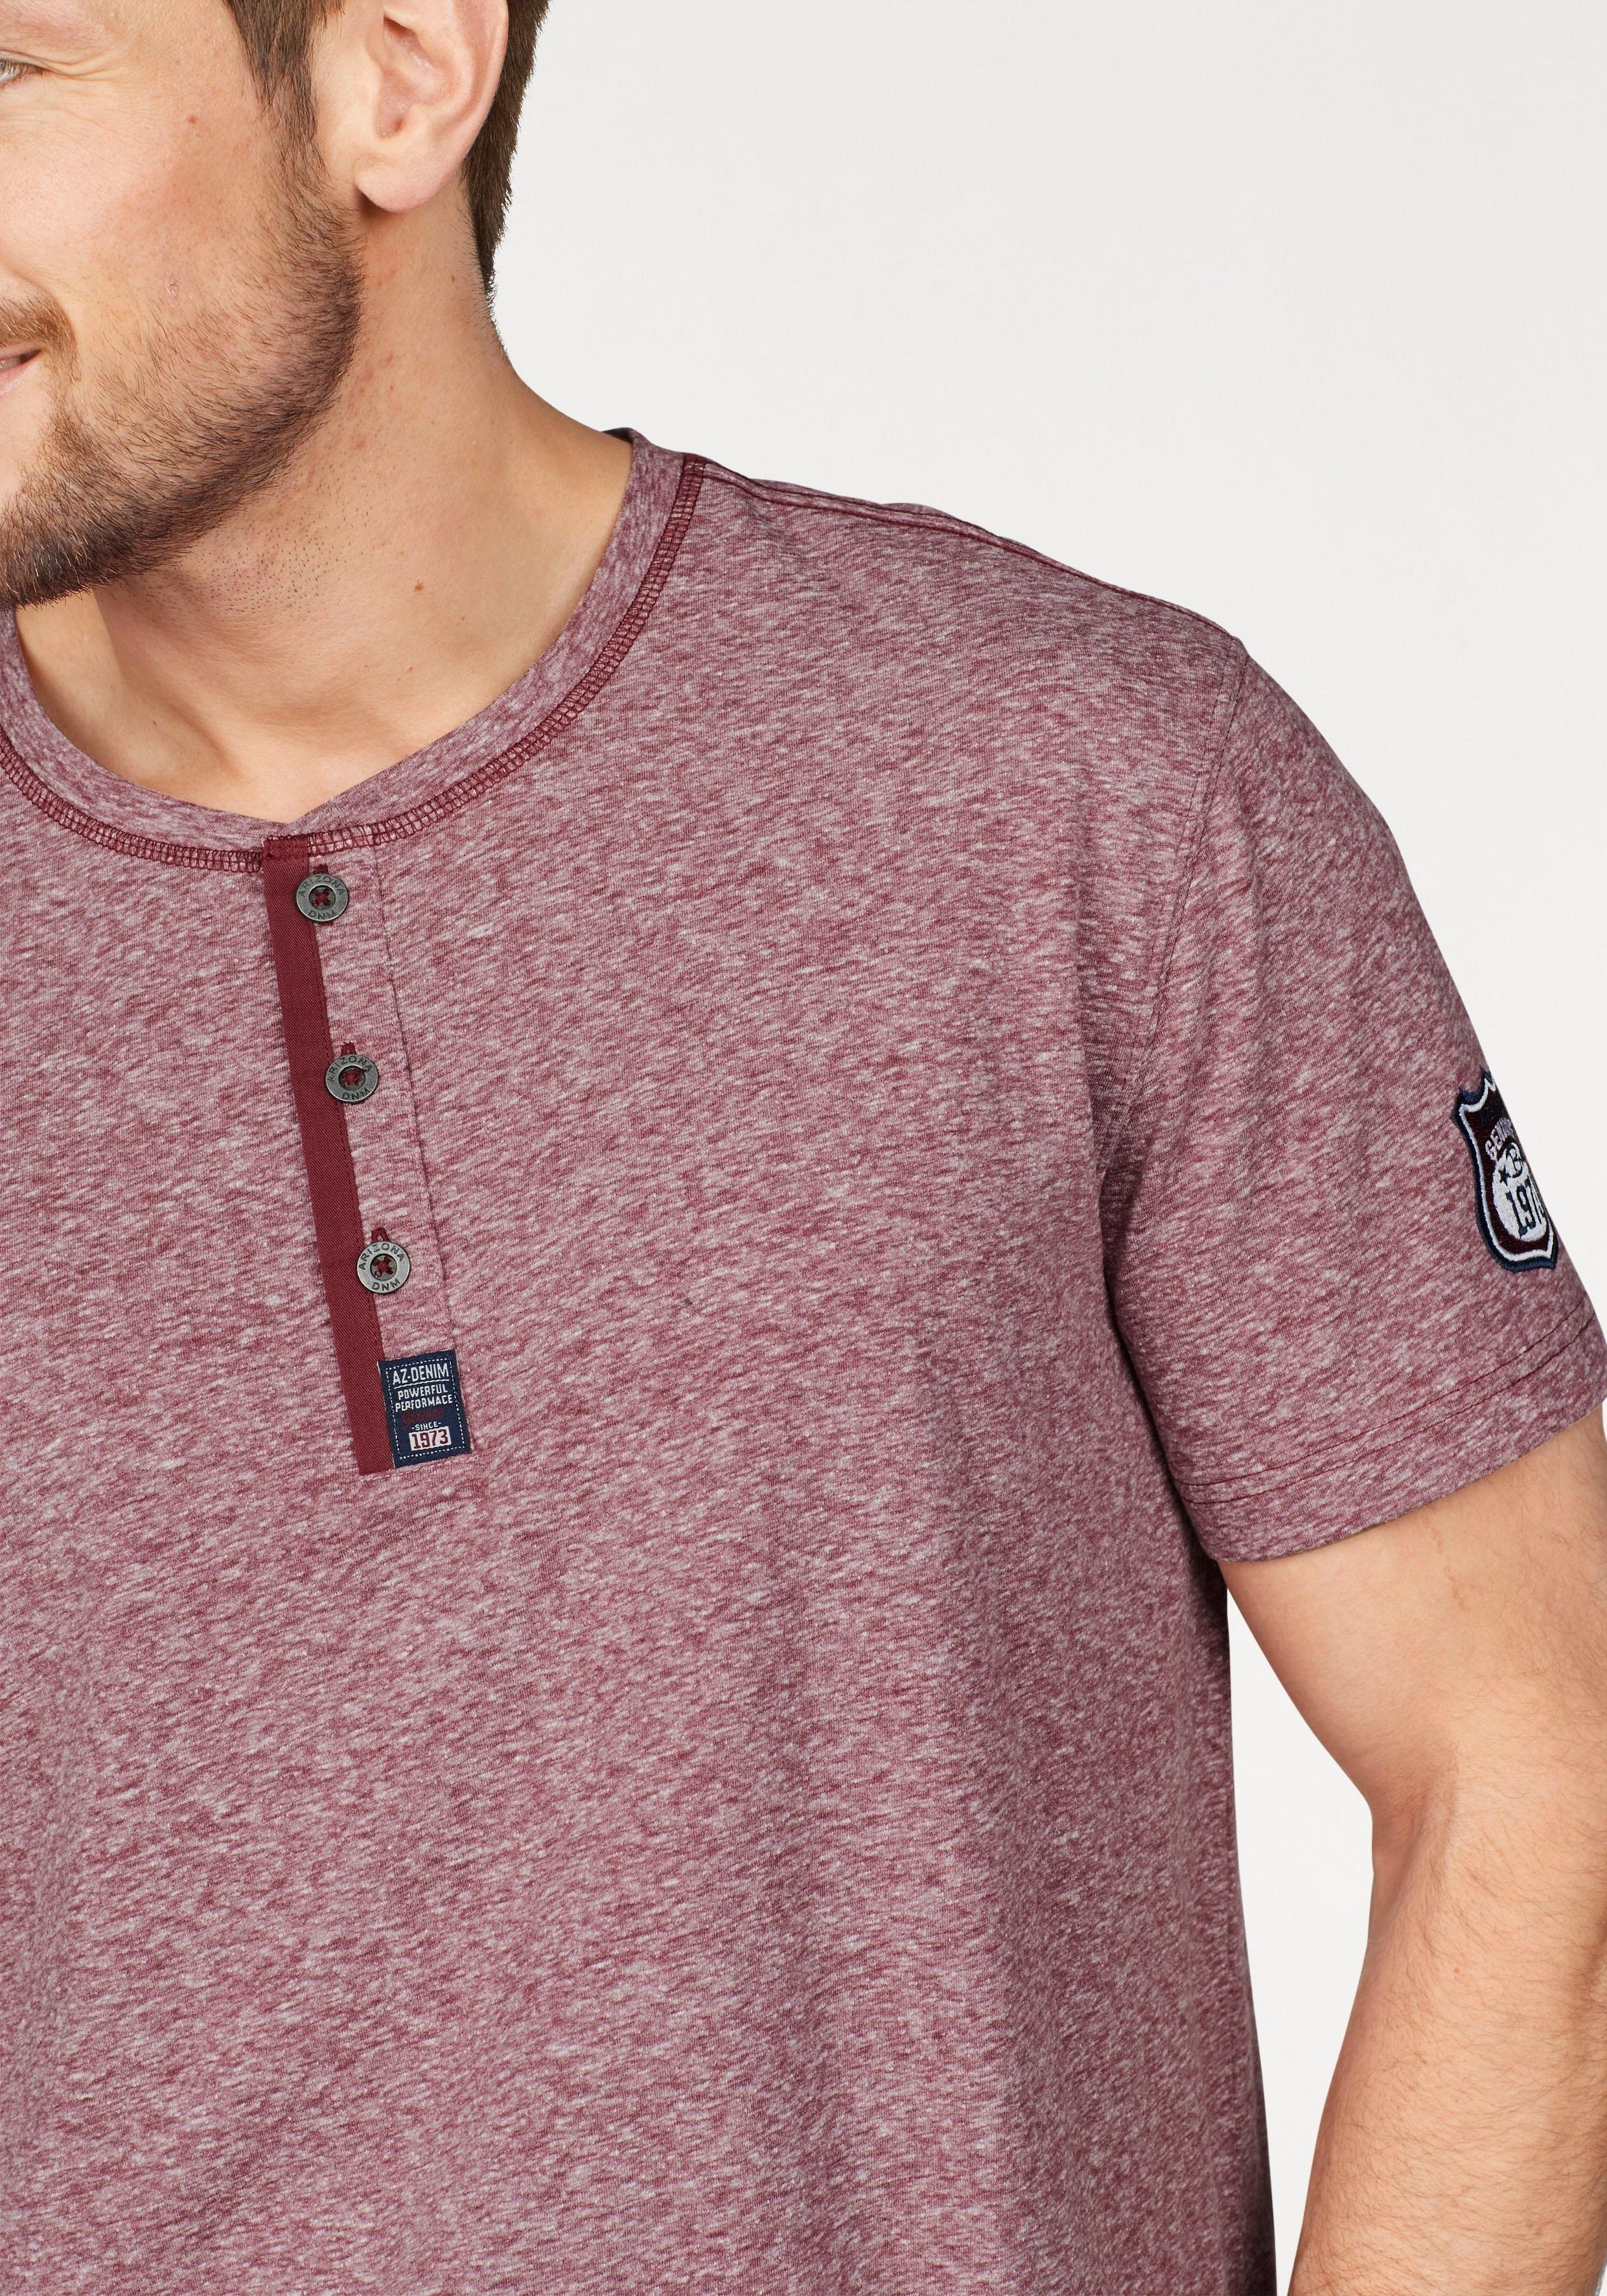 shirt Online Arizona T Nu Bestellen hQBtxsordC